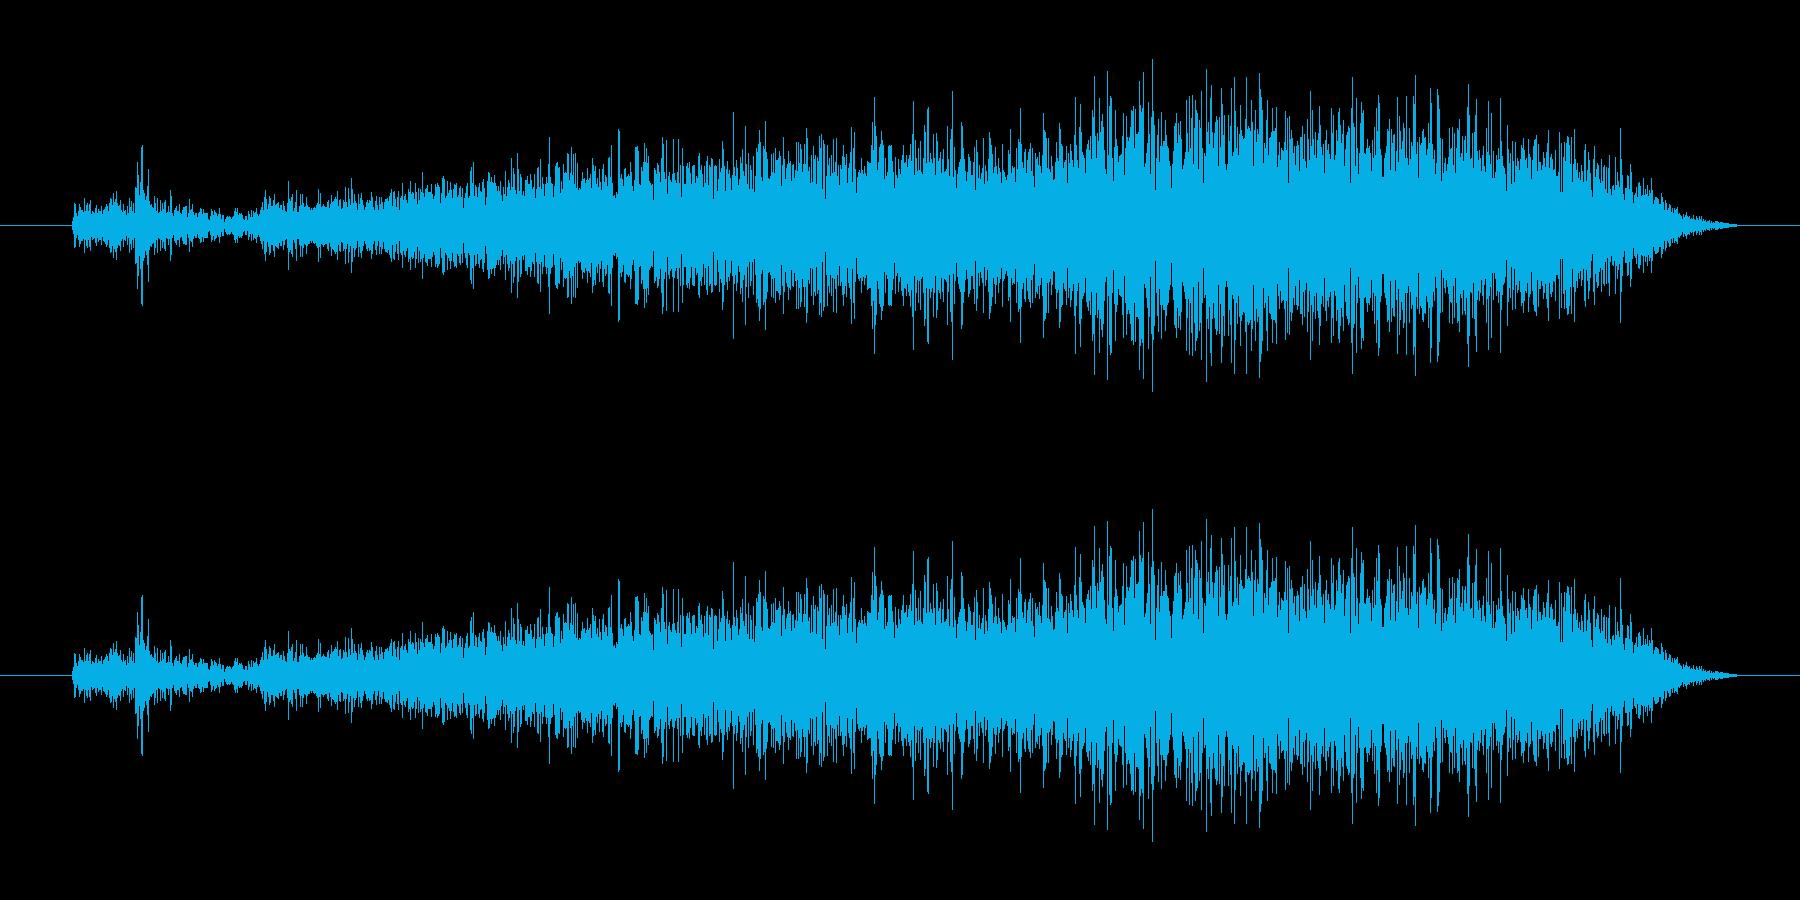 「猫が怒った声 (シャー)」の再生済みの波形